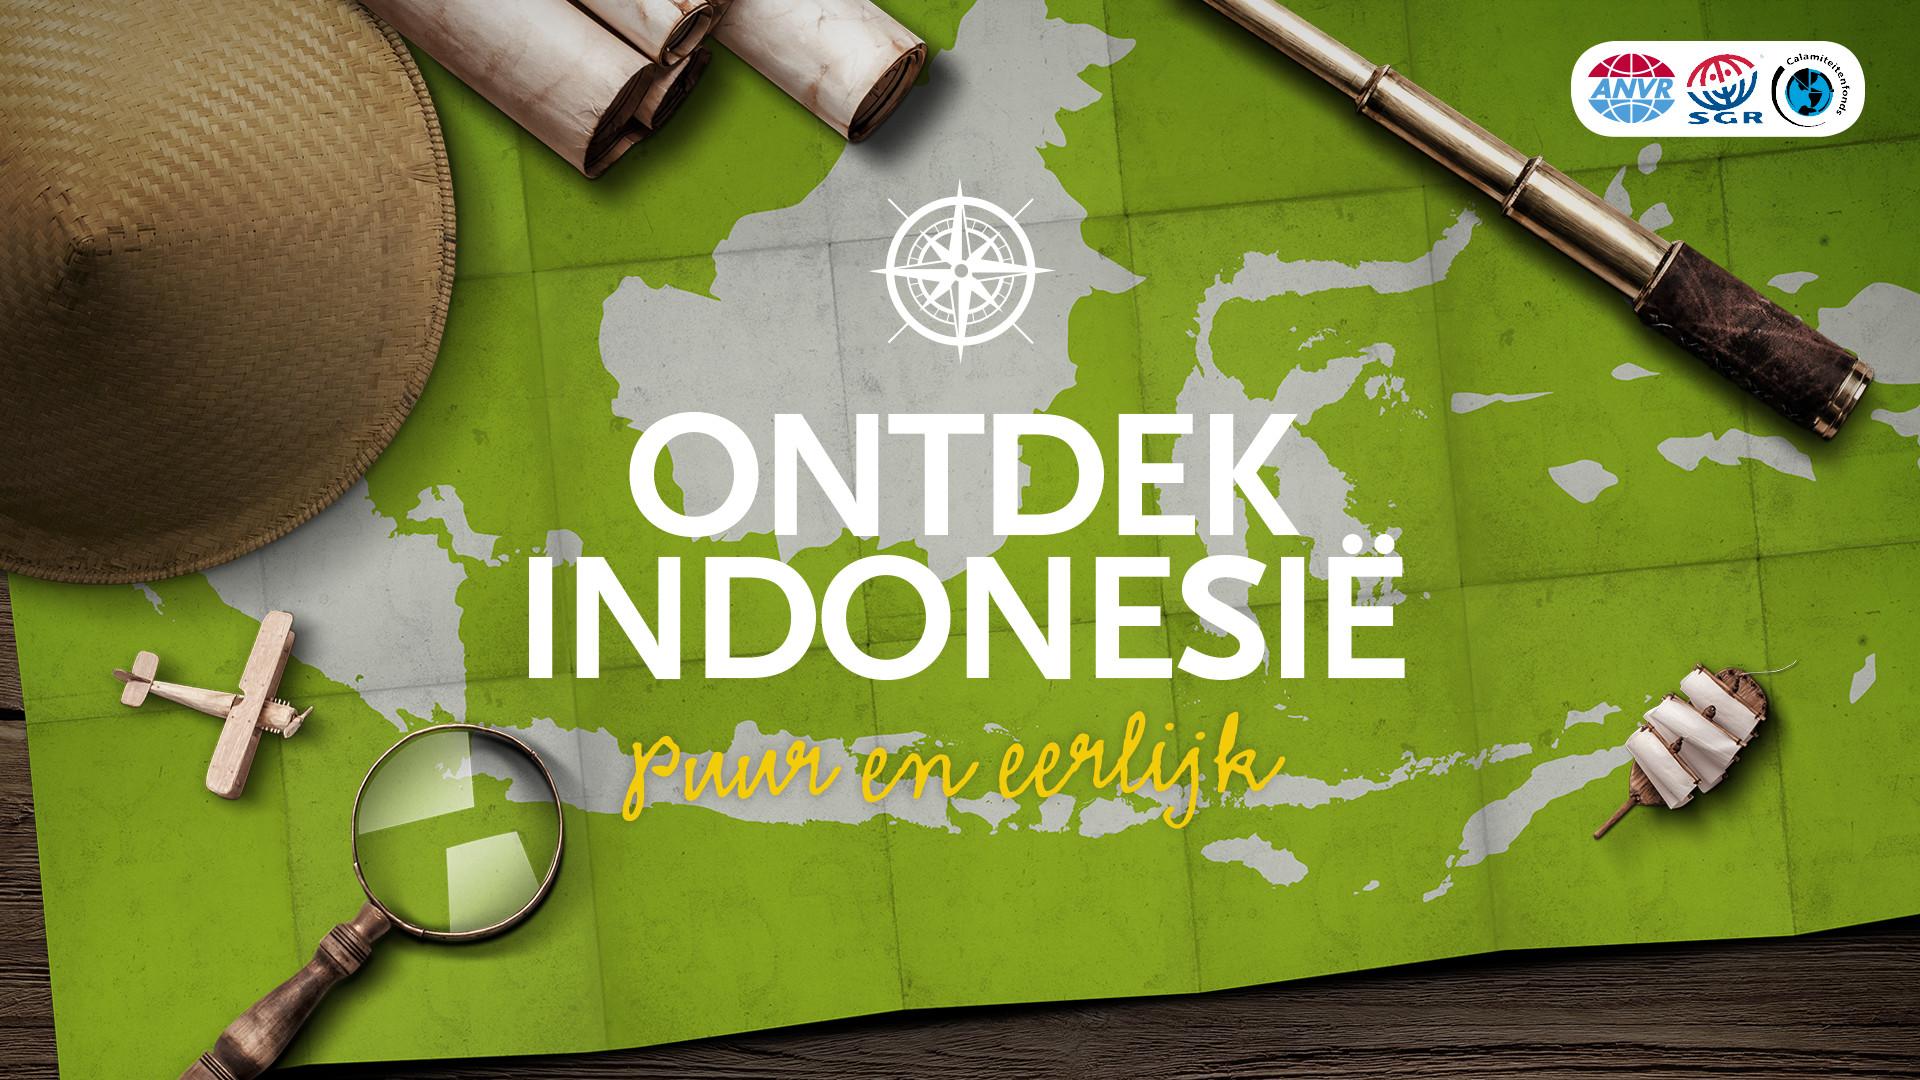 Ontdek-indonesie_1920x1080